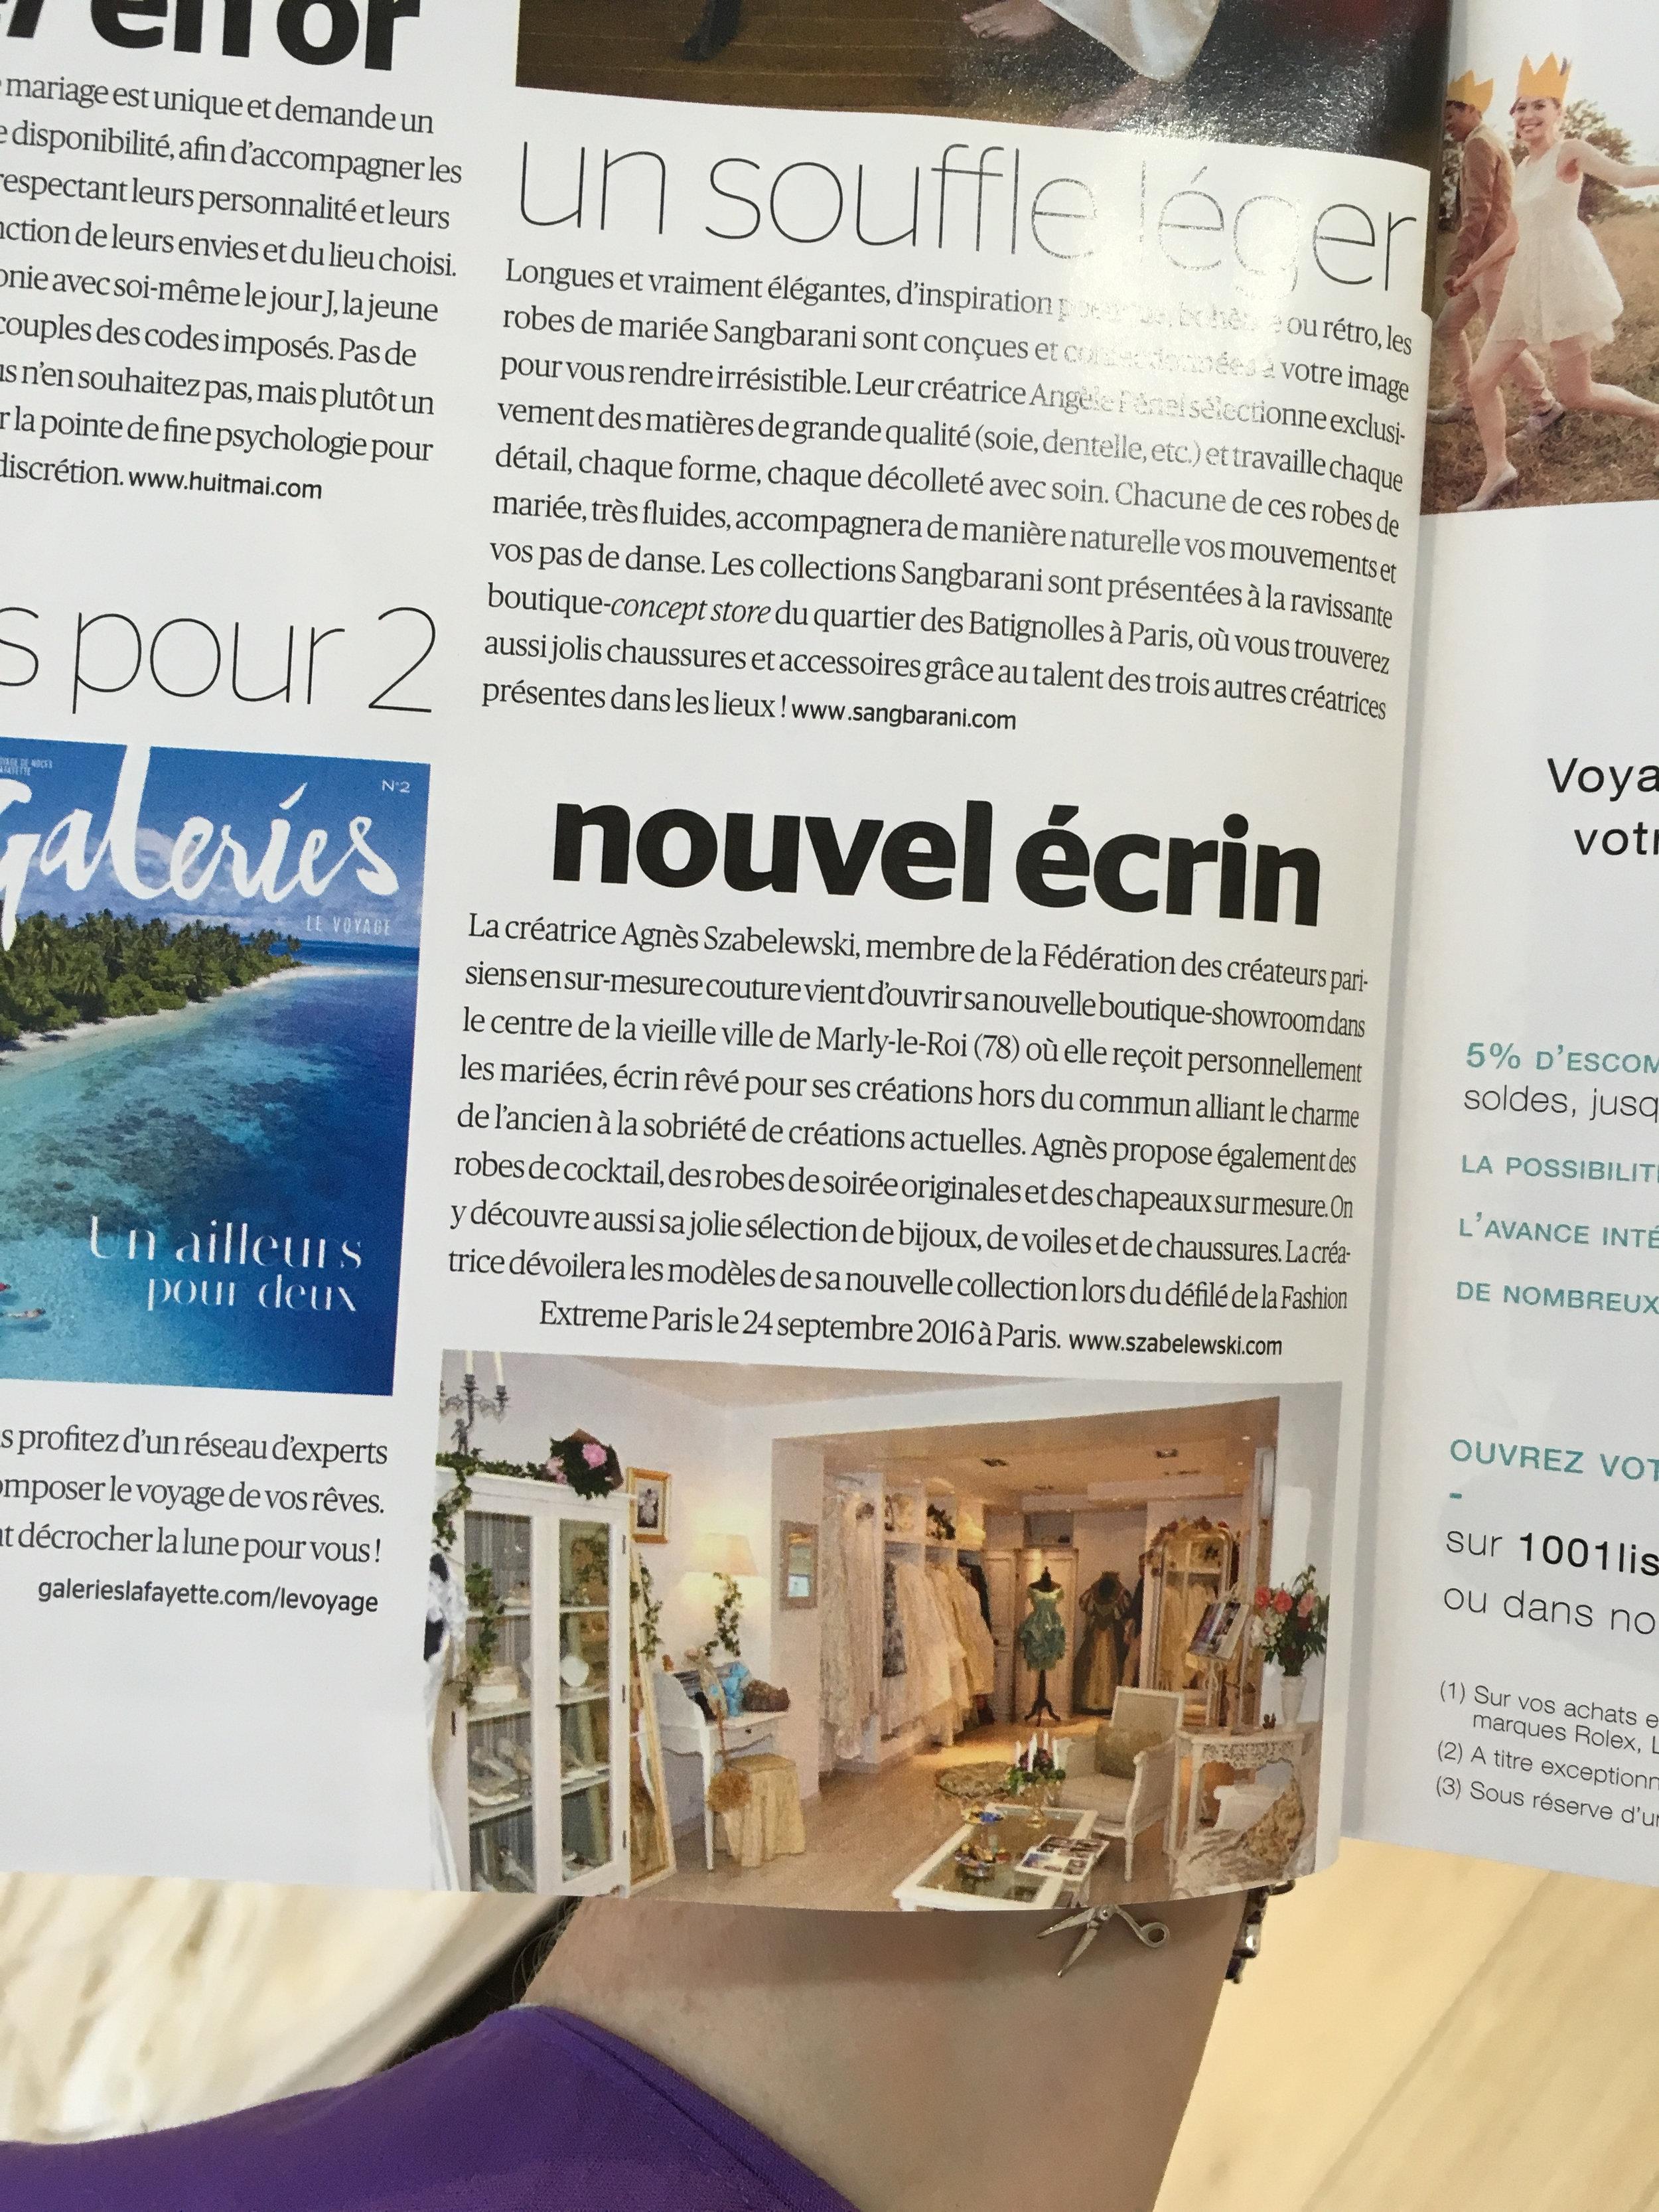 Oui Magazine article sur Agnès Szabelewski boutique.jpg